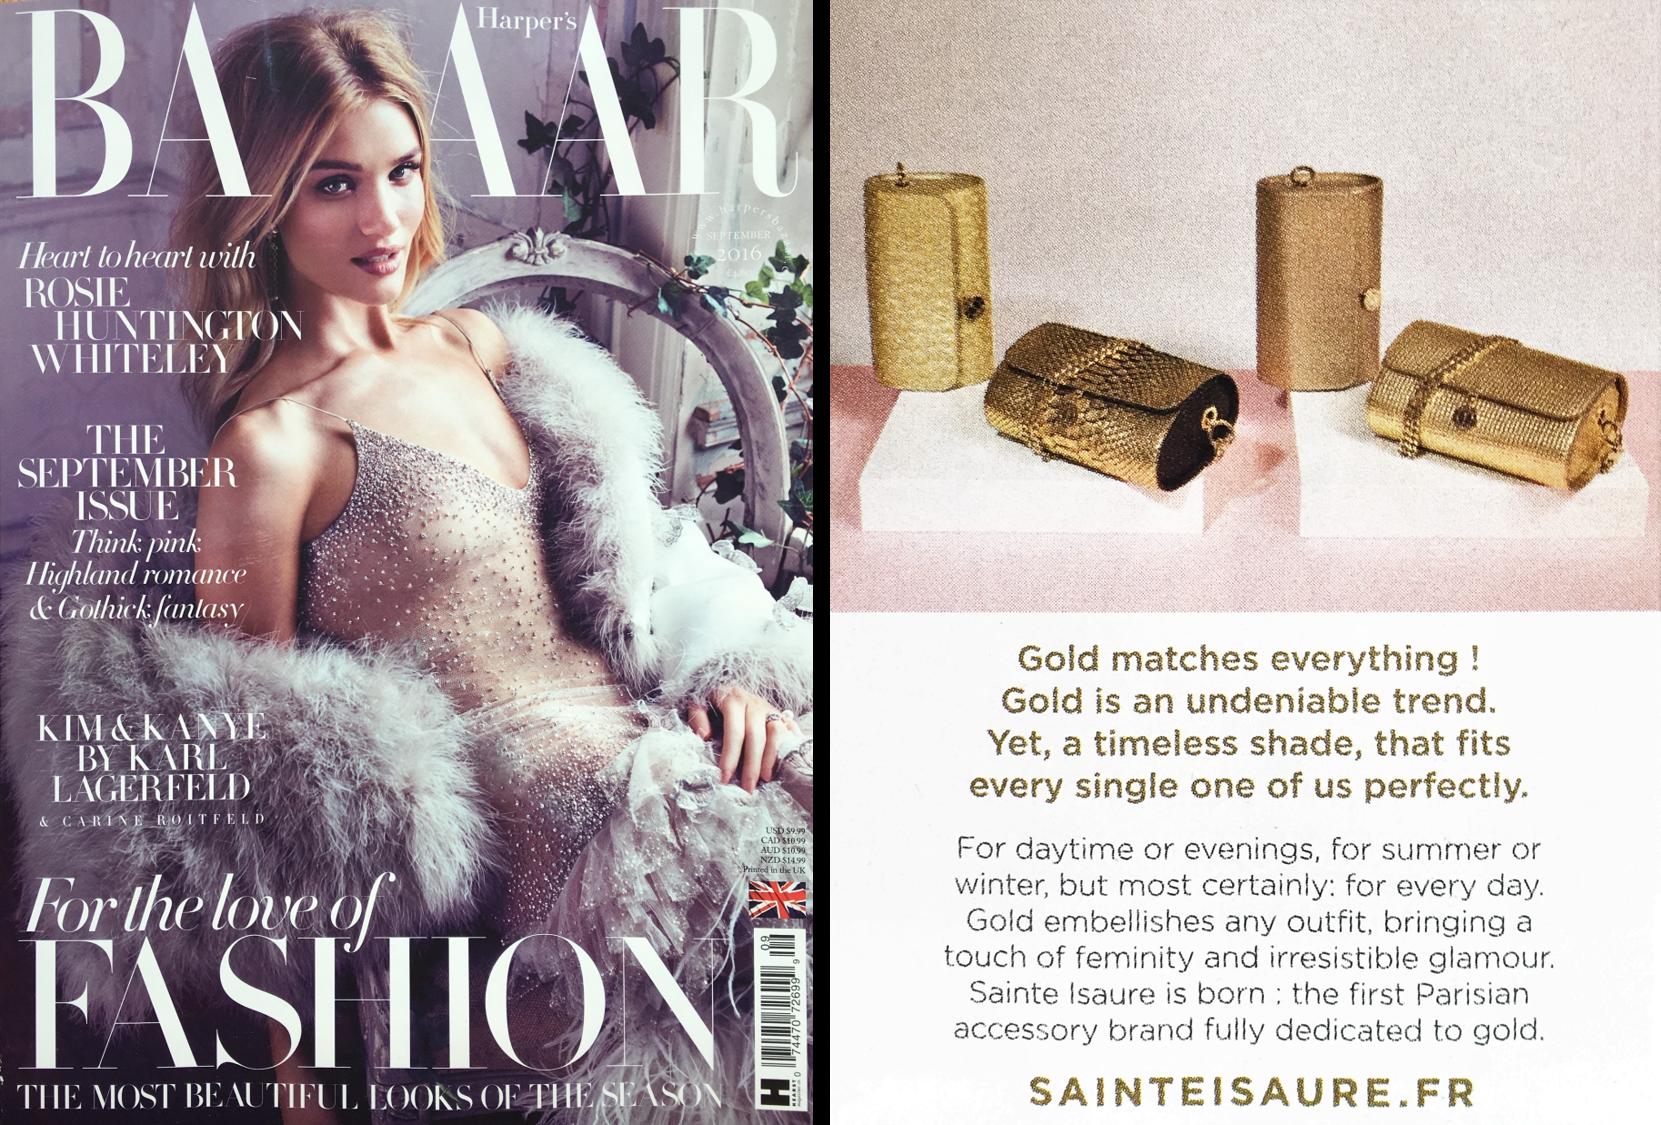 Août 2016: Harper's Bazaar UK- Sainte Isaure, Gold is the new black